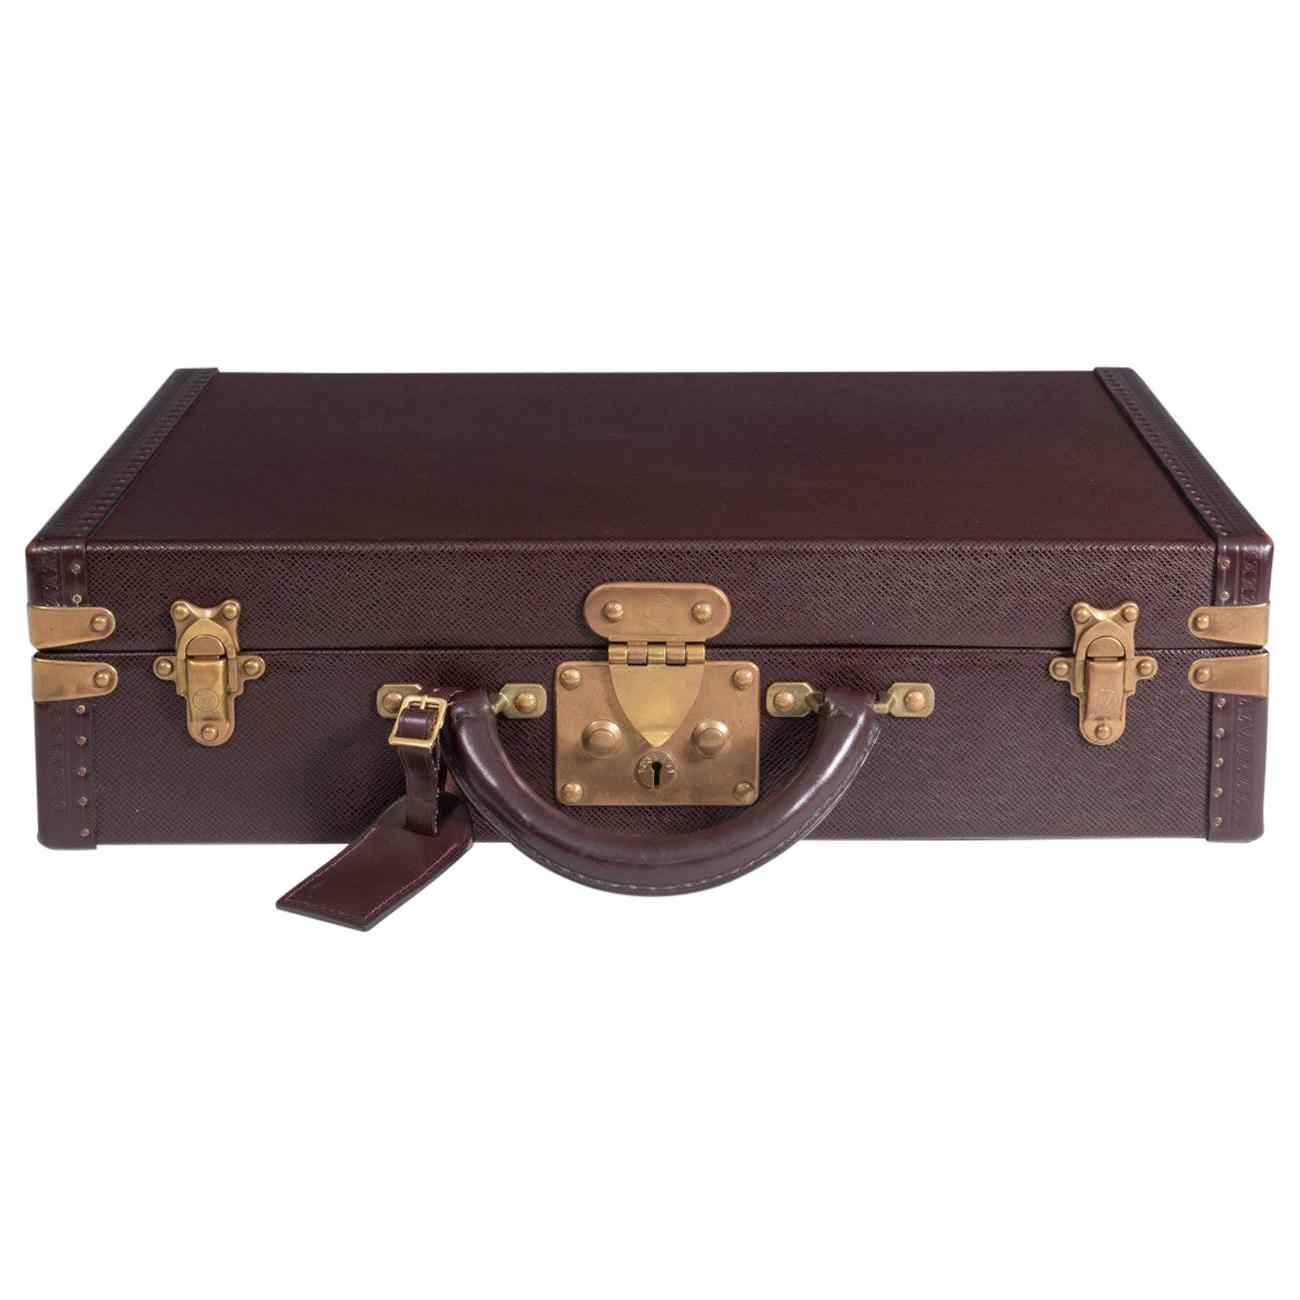 Louis Vuitton Burgundy Leather Attaché Case